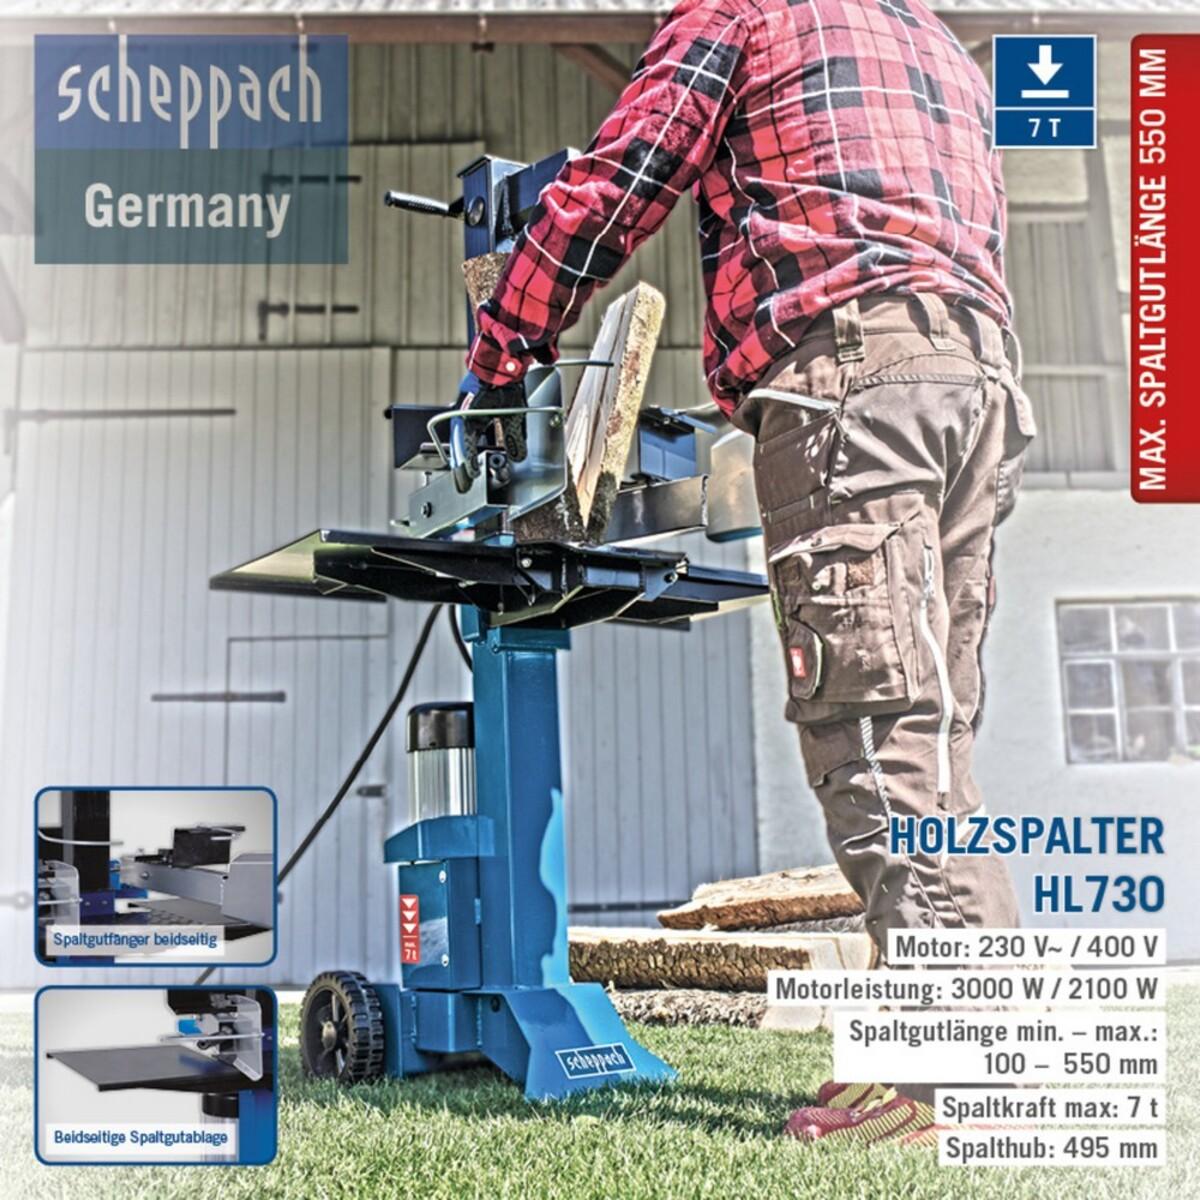 Bild 1 von Scheppach HL730 | 7 T Holzspalter 230 V